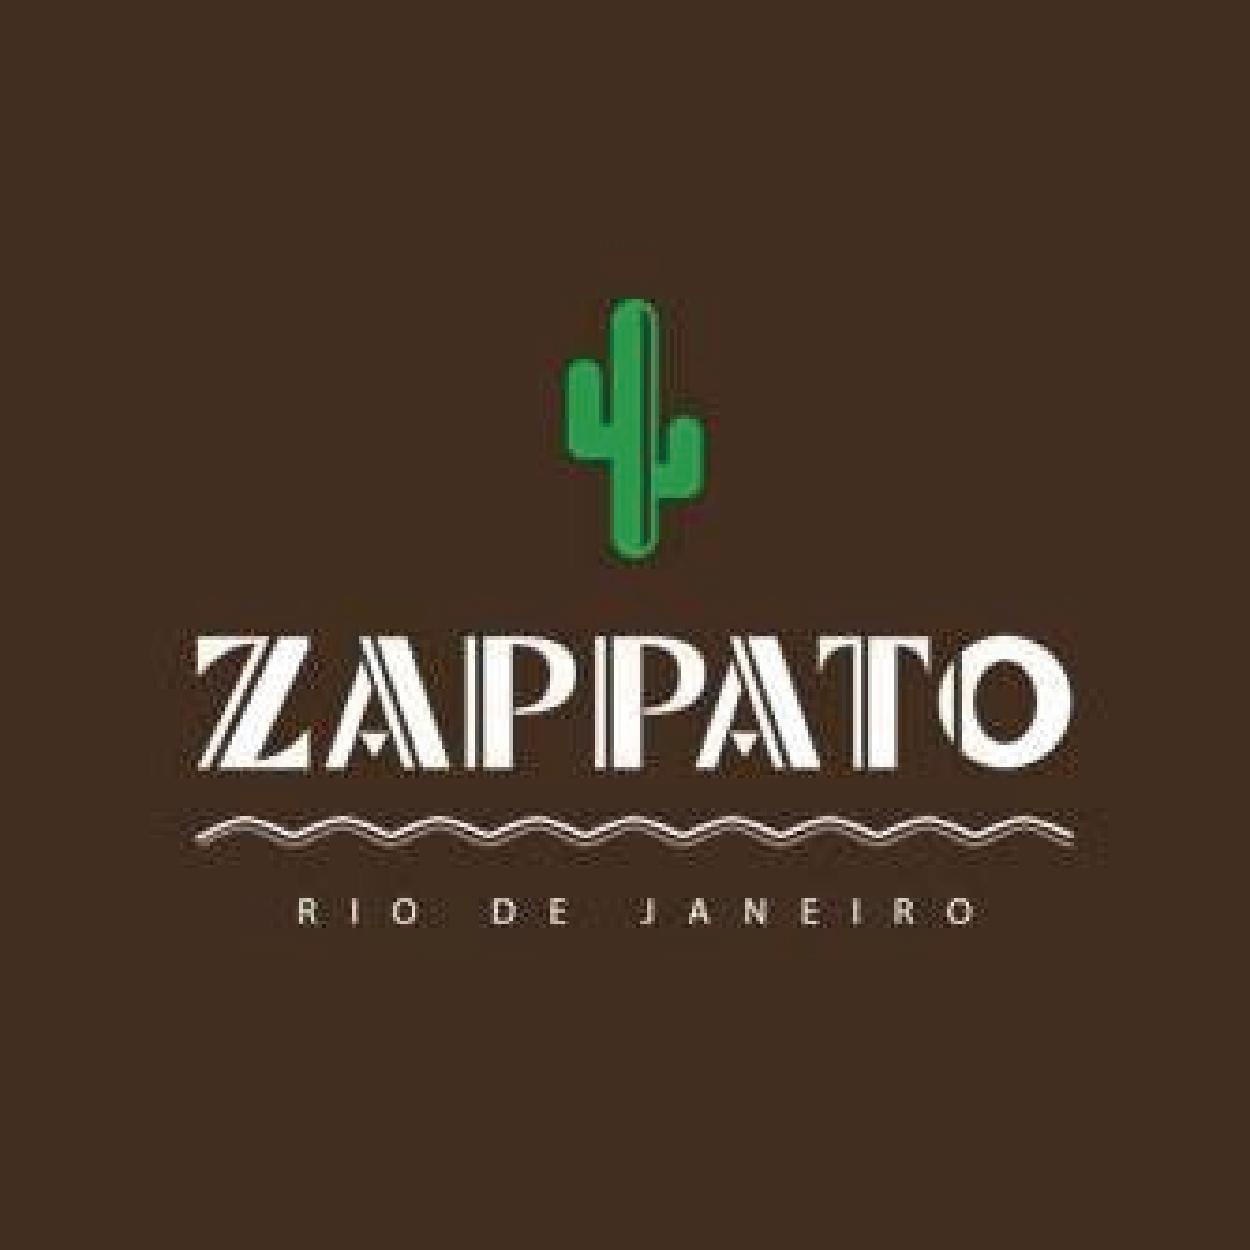 Zappato